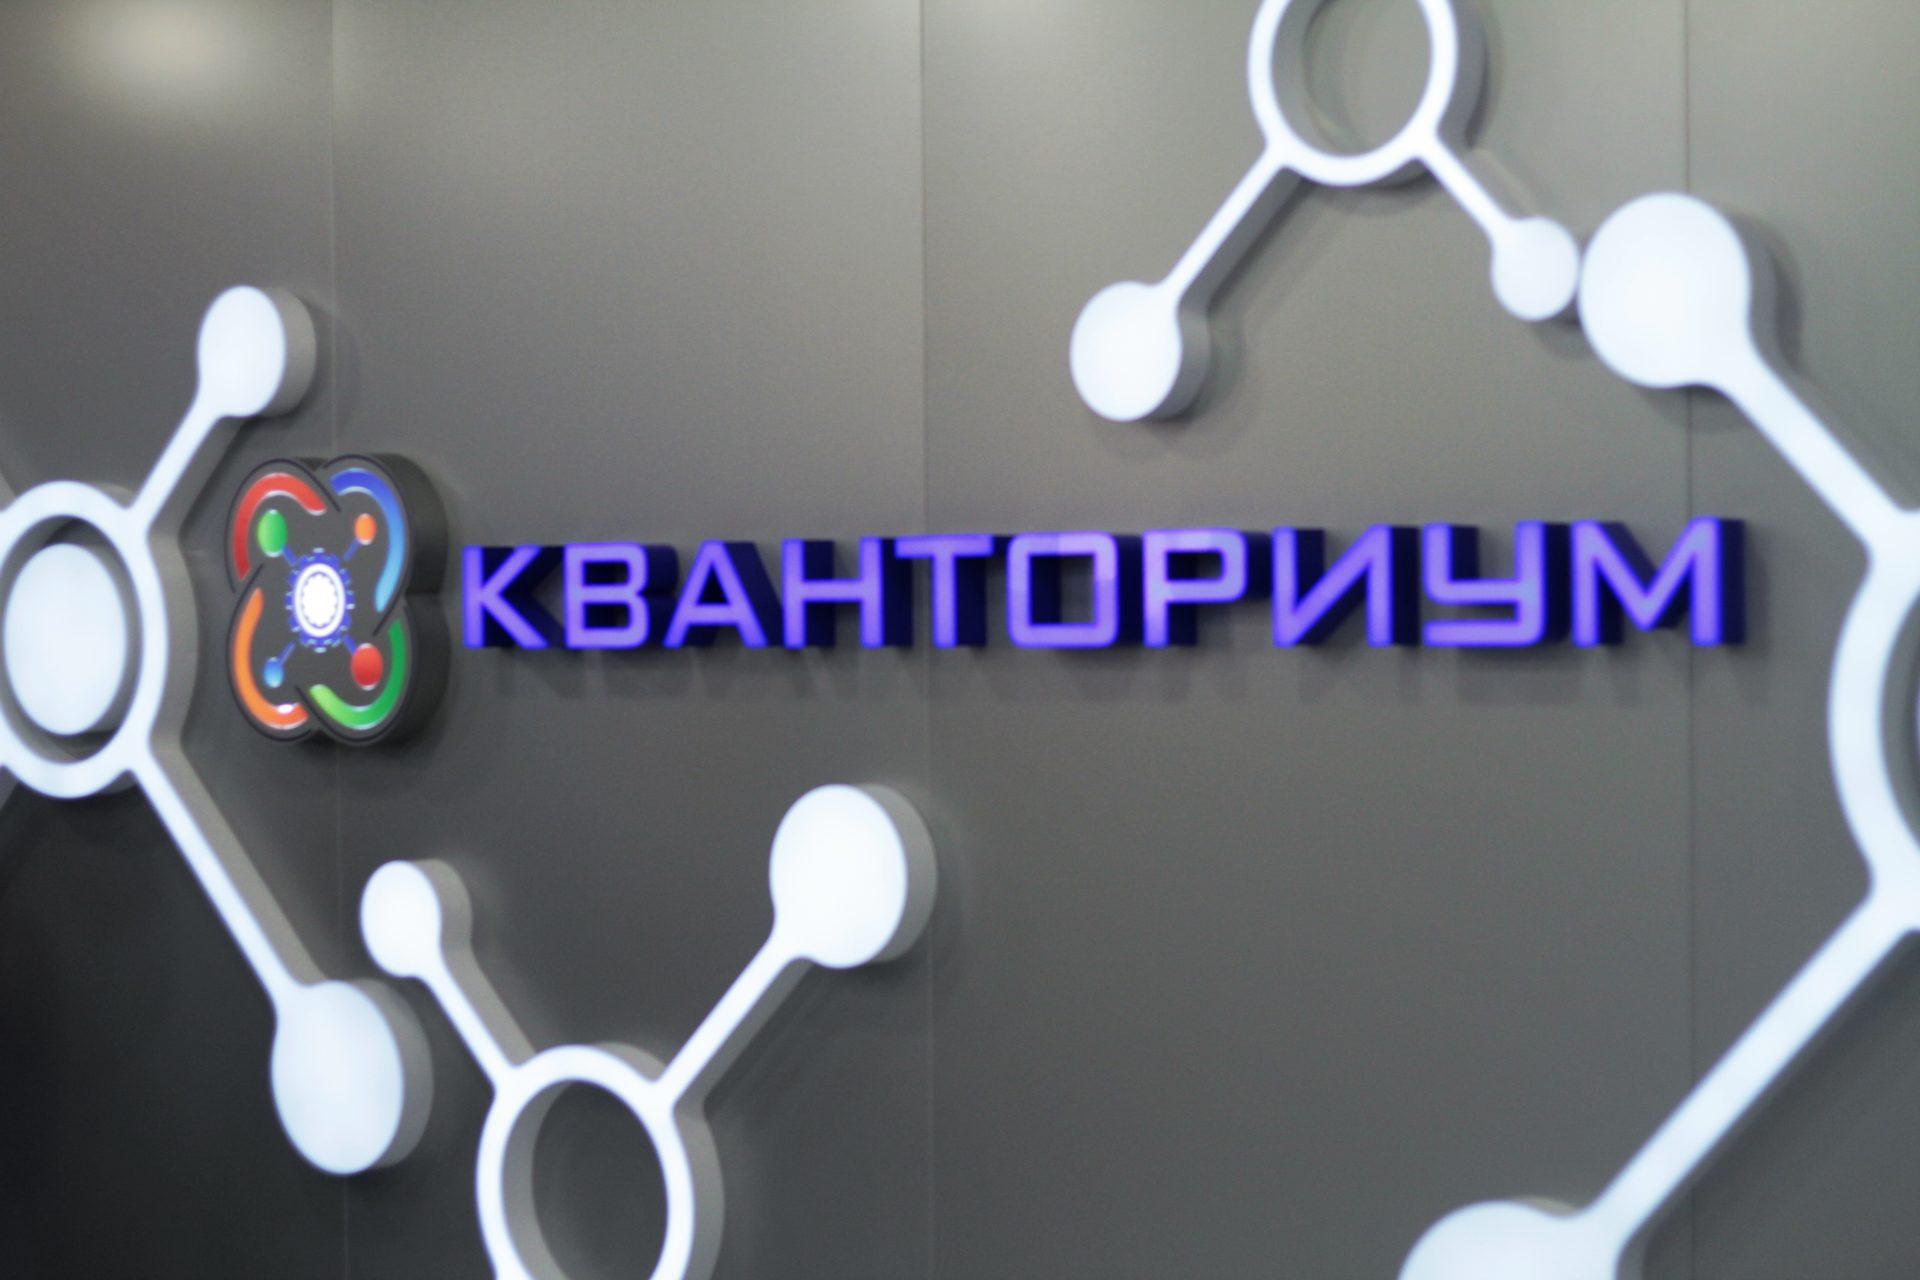 Дети из северных районов прошли курсы в детском технопарке «Кванториум»